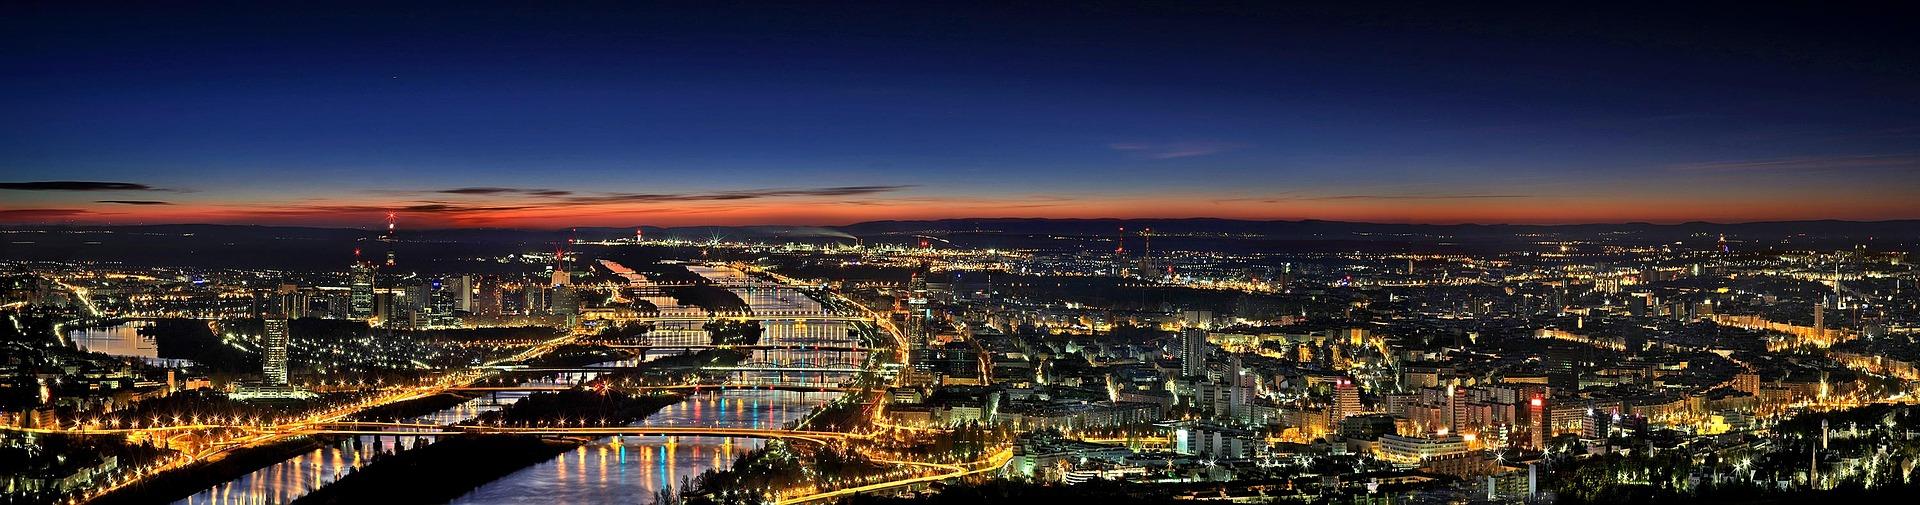 Skyline - vienna-2997032_1920